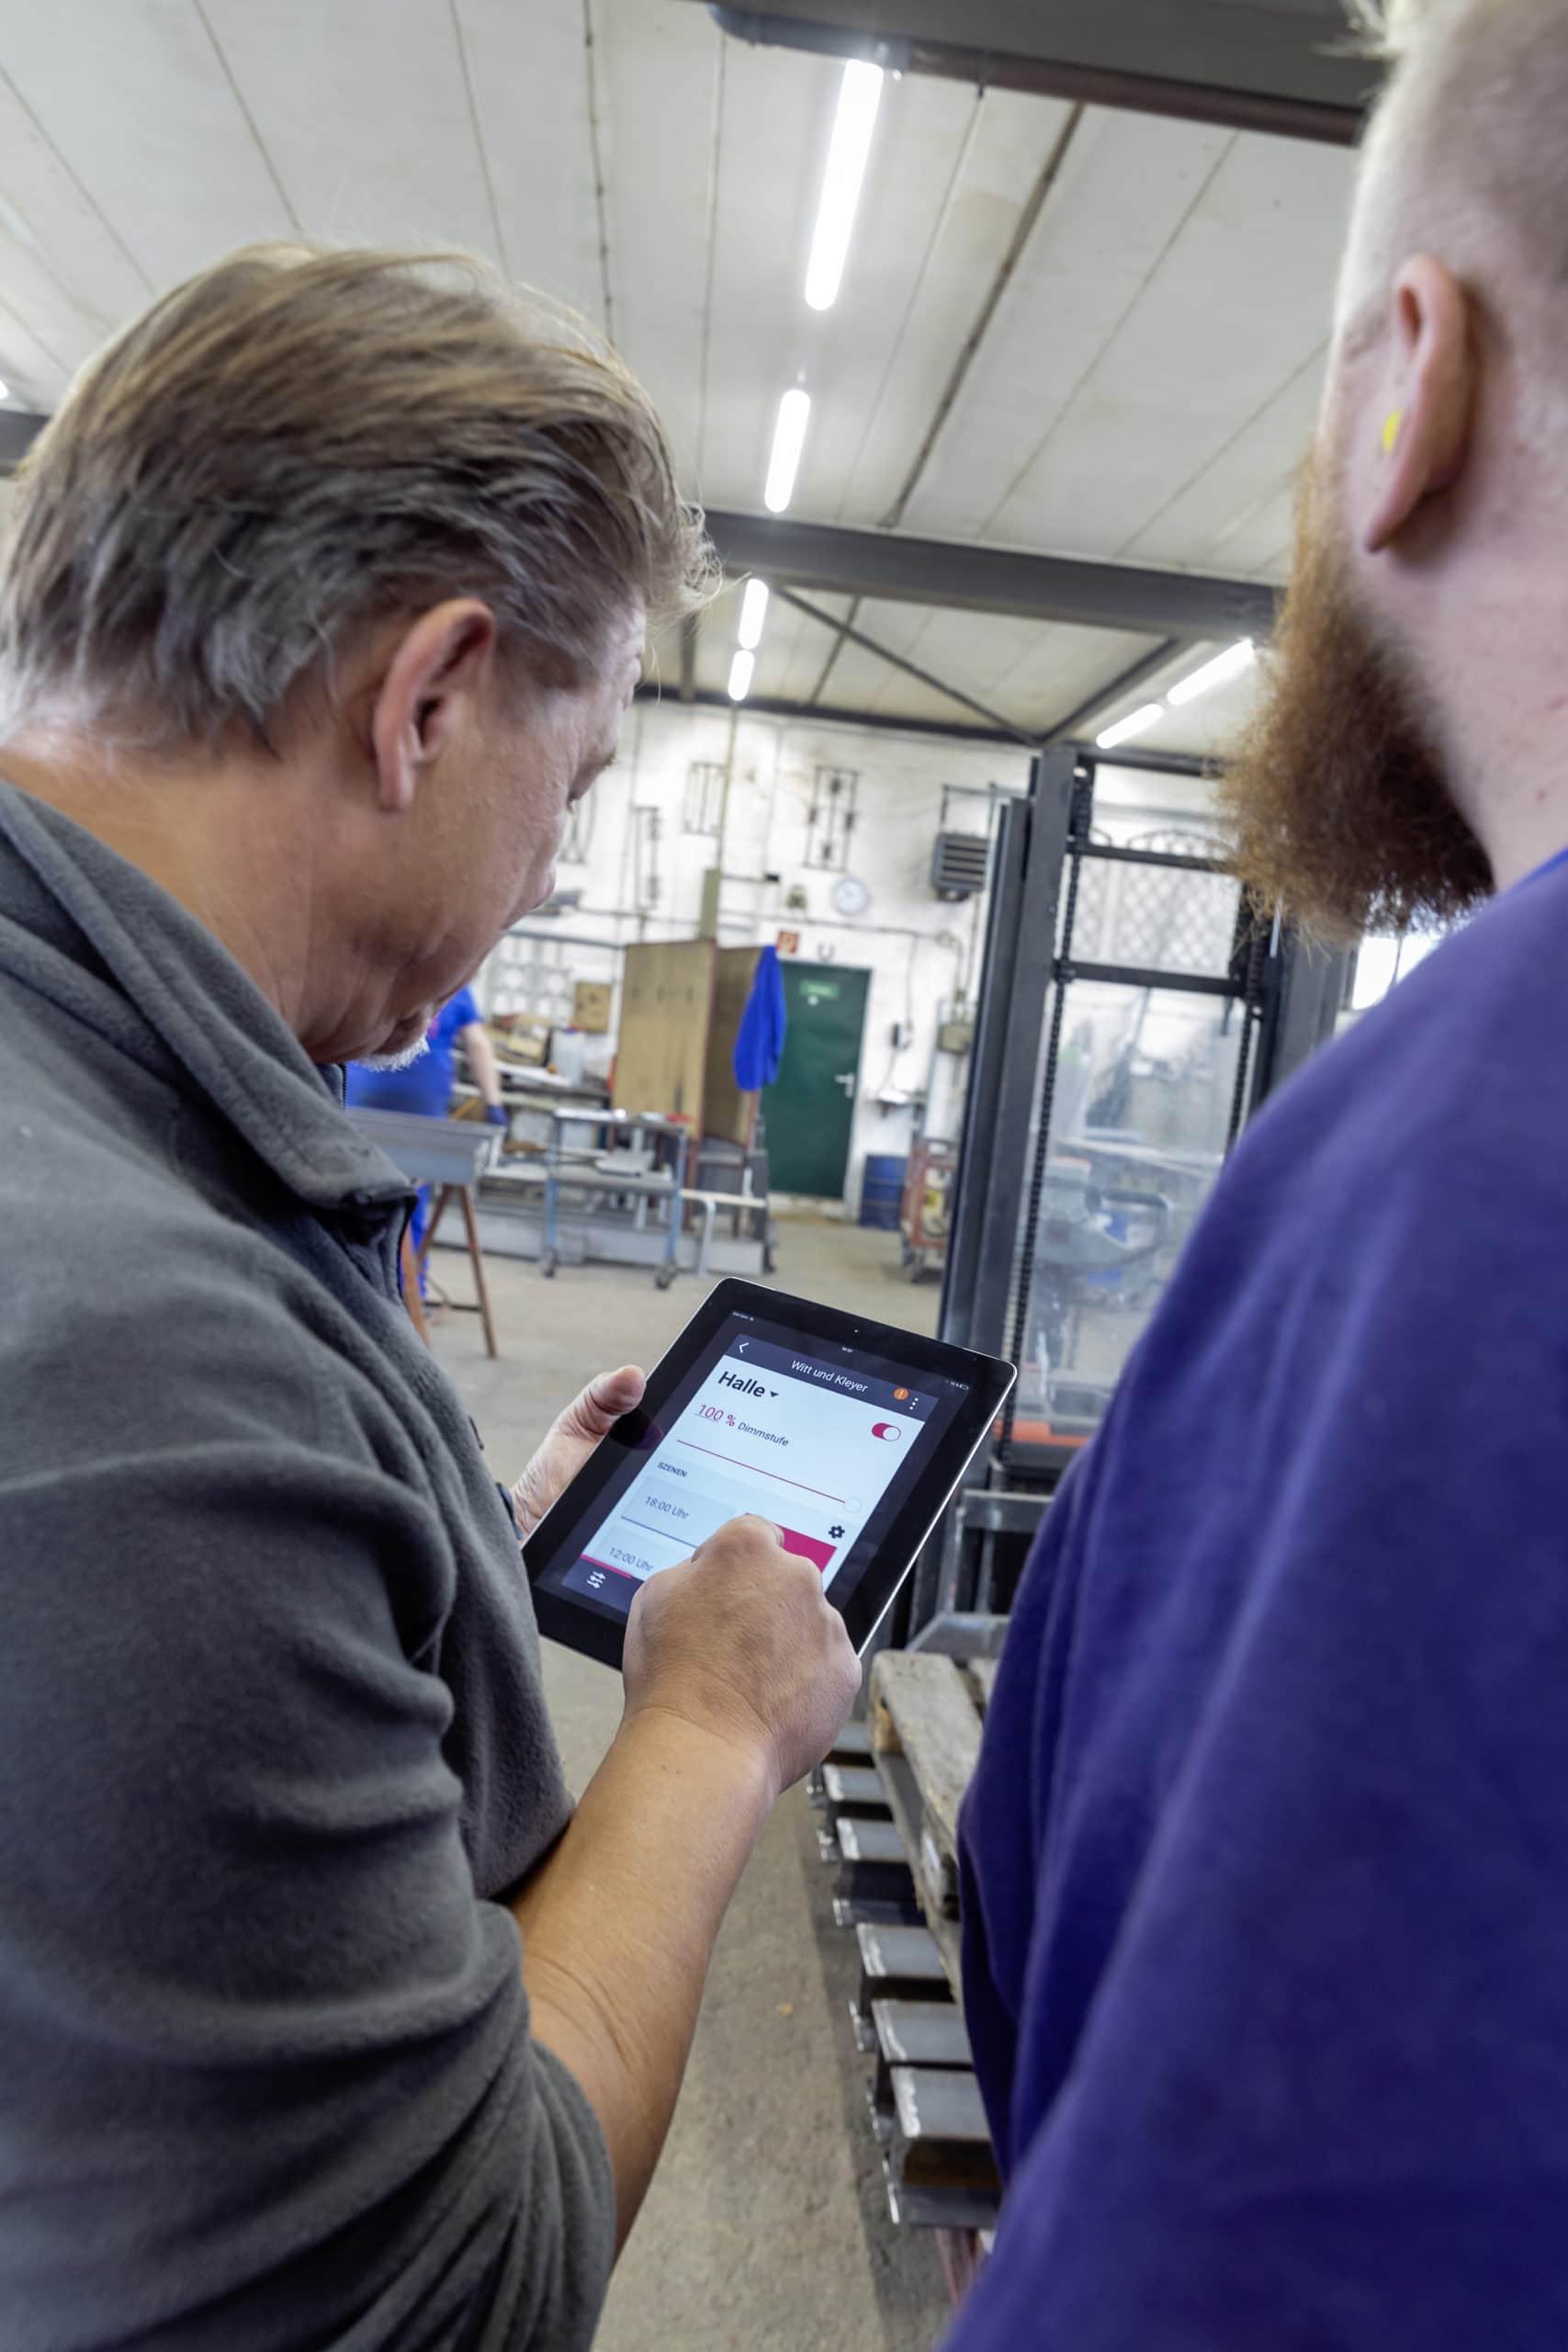 Michael Kleyer, Geschäftsführer Witt & Kleyer Schlosserei u. Metallbau GmbH, ist begeistert von der Signify-Beleuchtungsanlage, die über das Interact Pro Dashboard gesteuert werden kann. (Bild: Jörg Hempel; www.joerg-hempel-com)